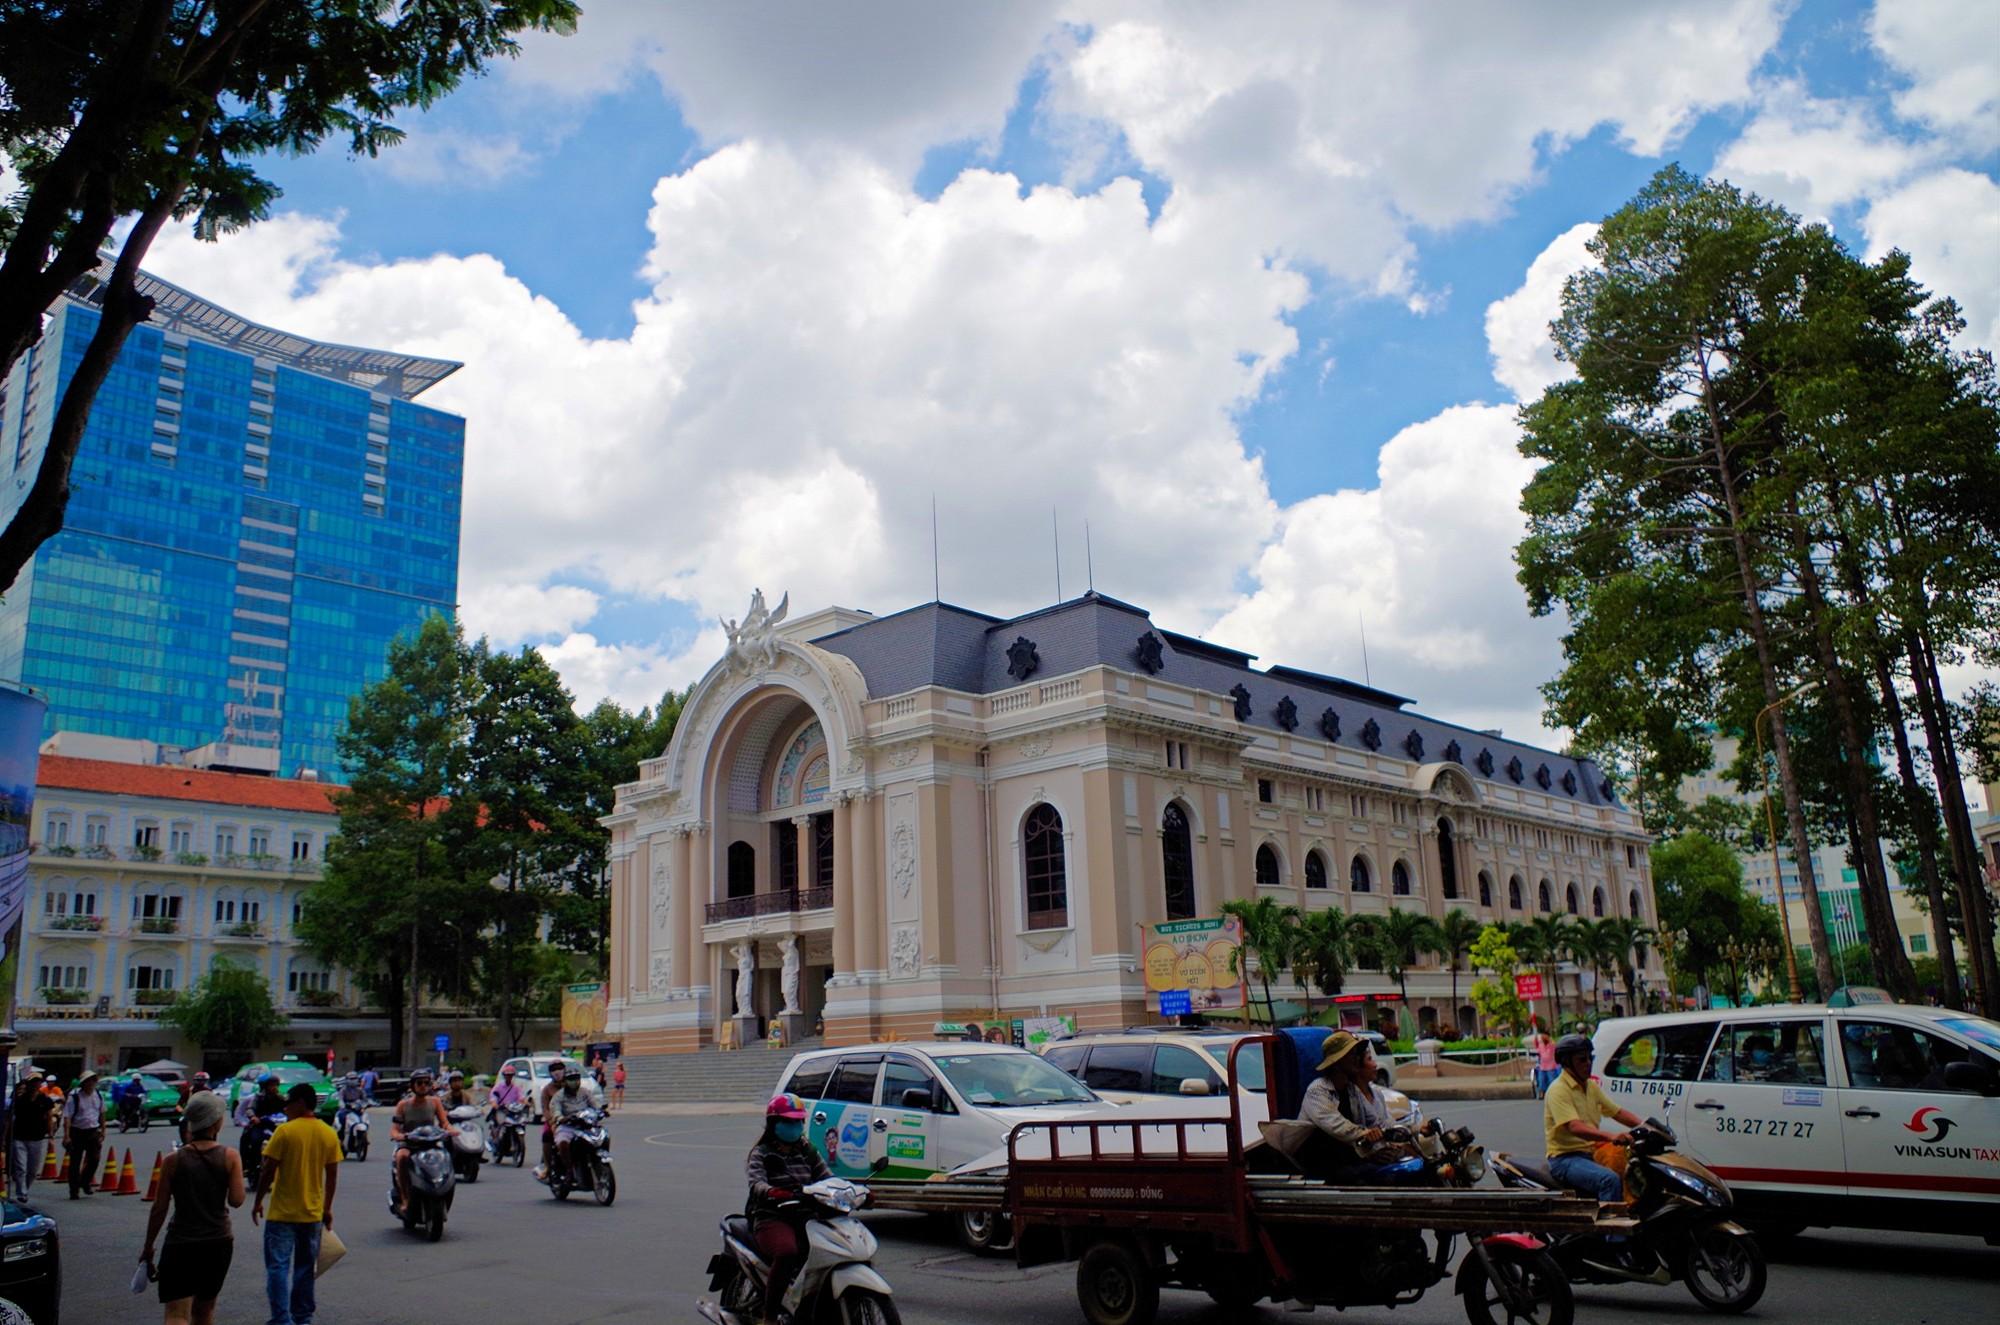 L'Opéra d'Ho Chi Minh